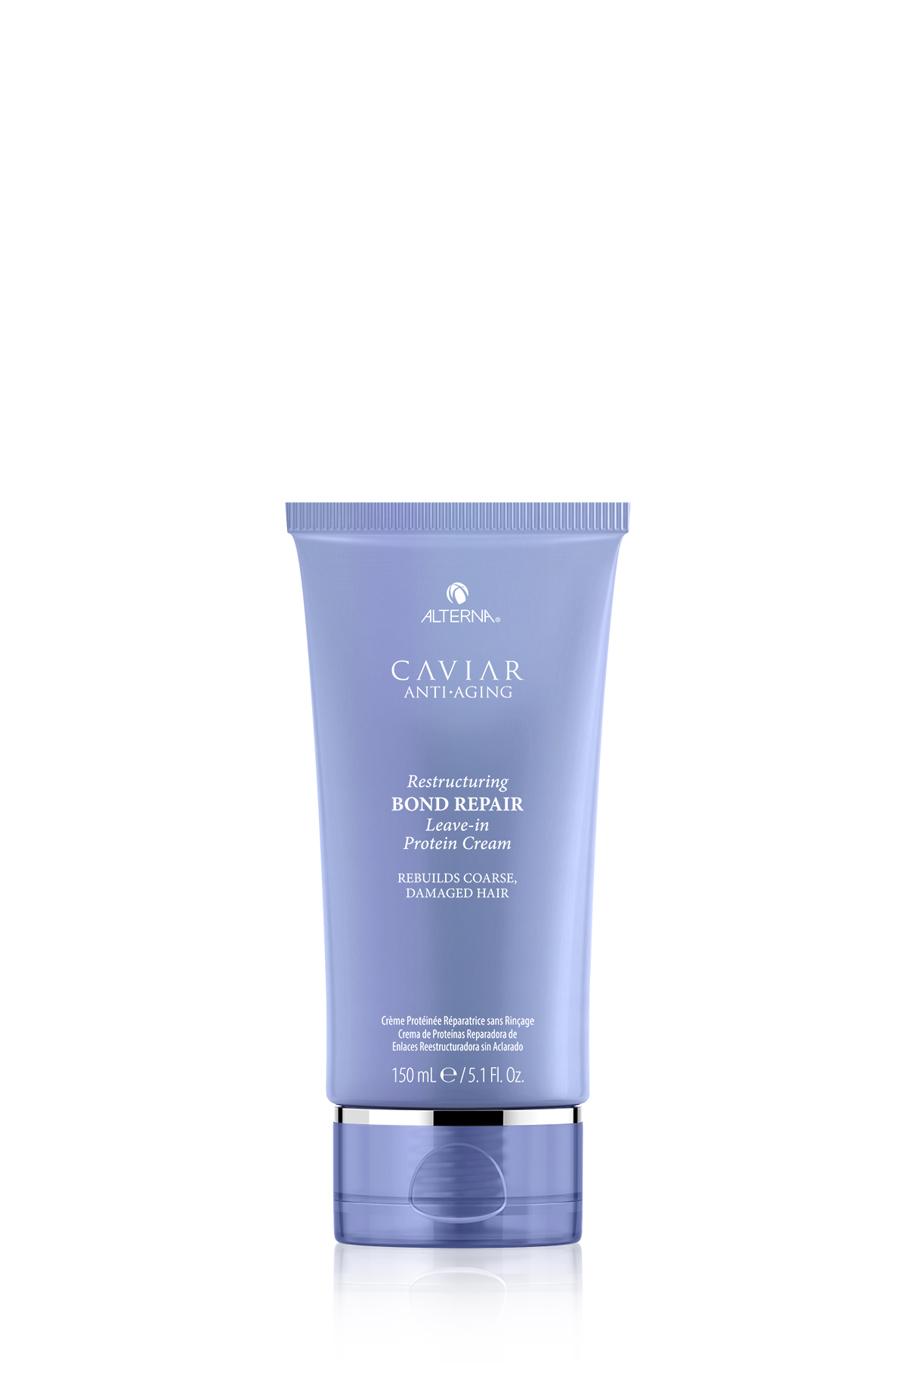 ALTERNA Несмываемый протеиновый крем-регенерация для восстановления поврежденных волос CAVIAR Anti-Aging Restructuring Bond Repair Leave-in Protein Cream, 150 мл